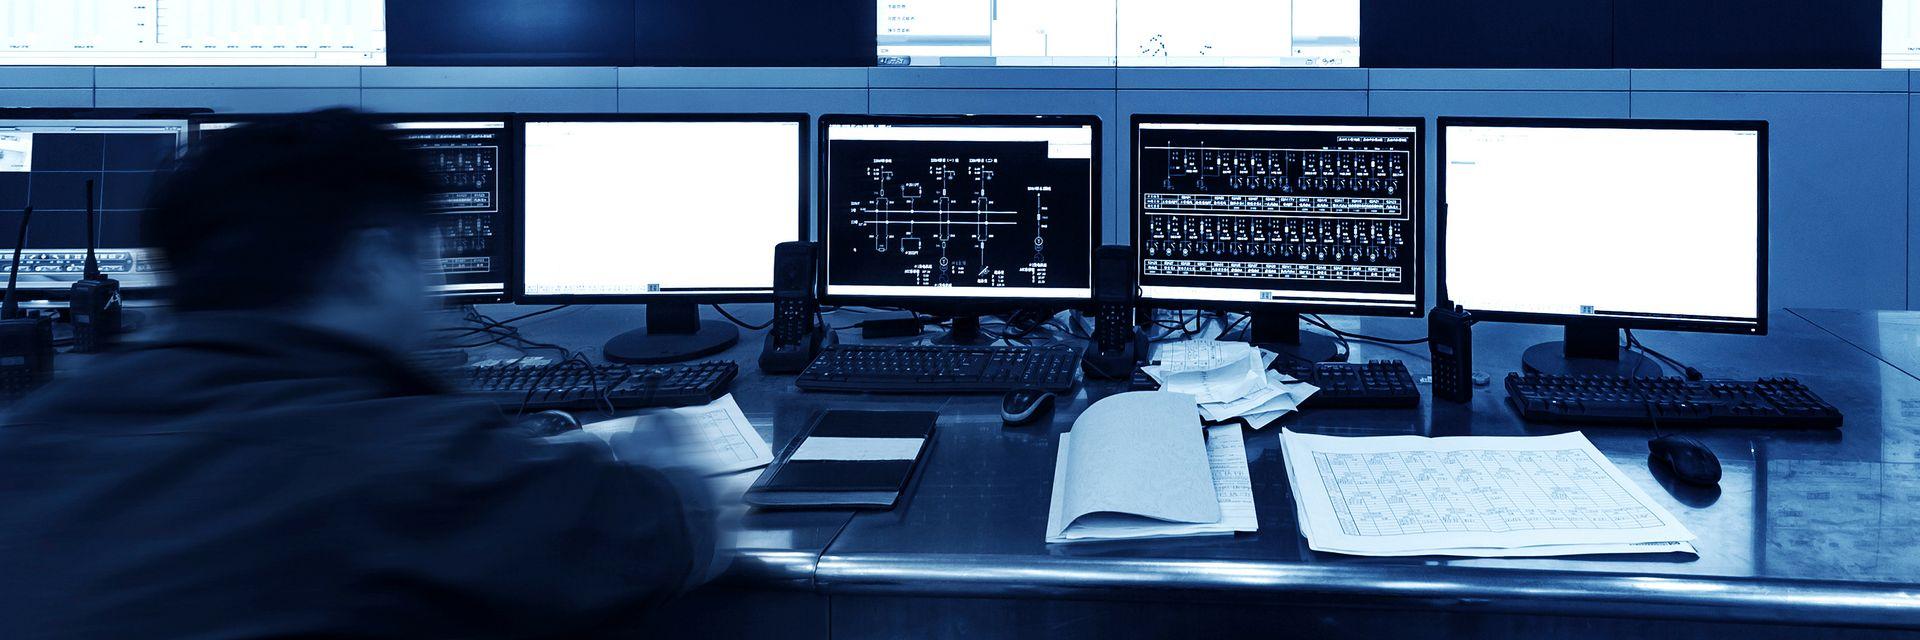 Livsviktig: Kontrollrom er som oftest rolige, men når viktige hendelser inntreffer må de fungere optimalt.